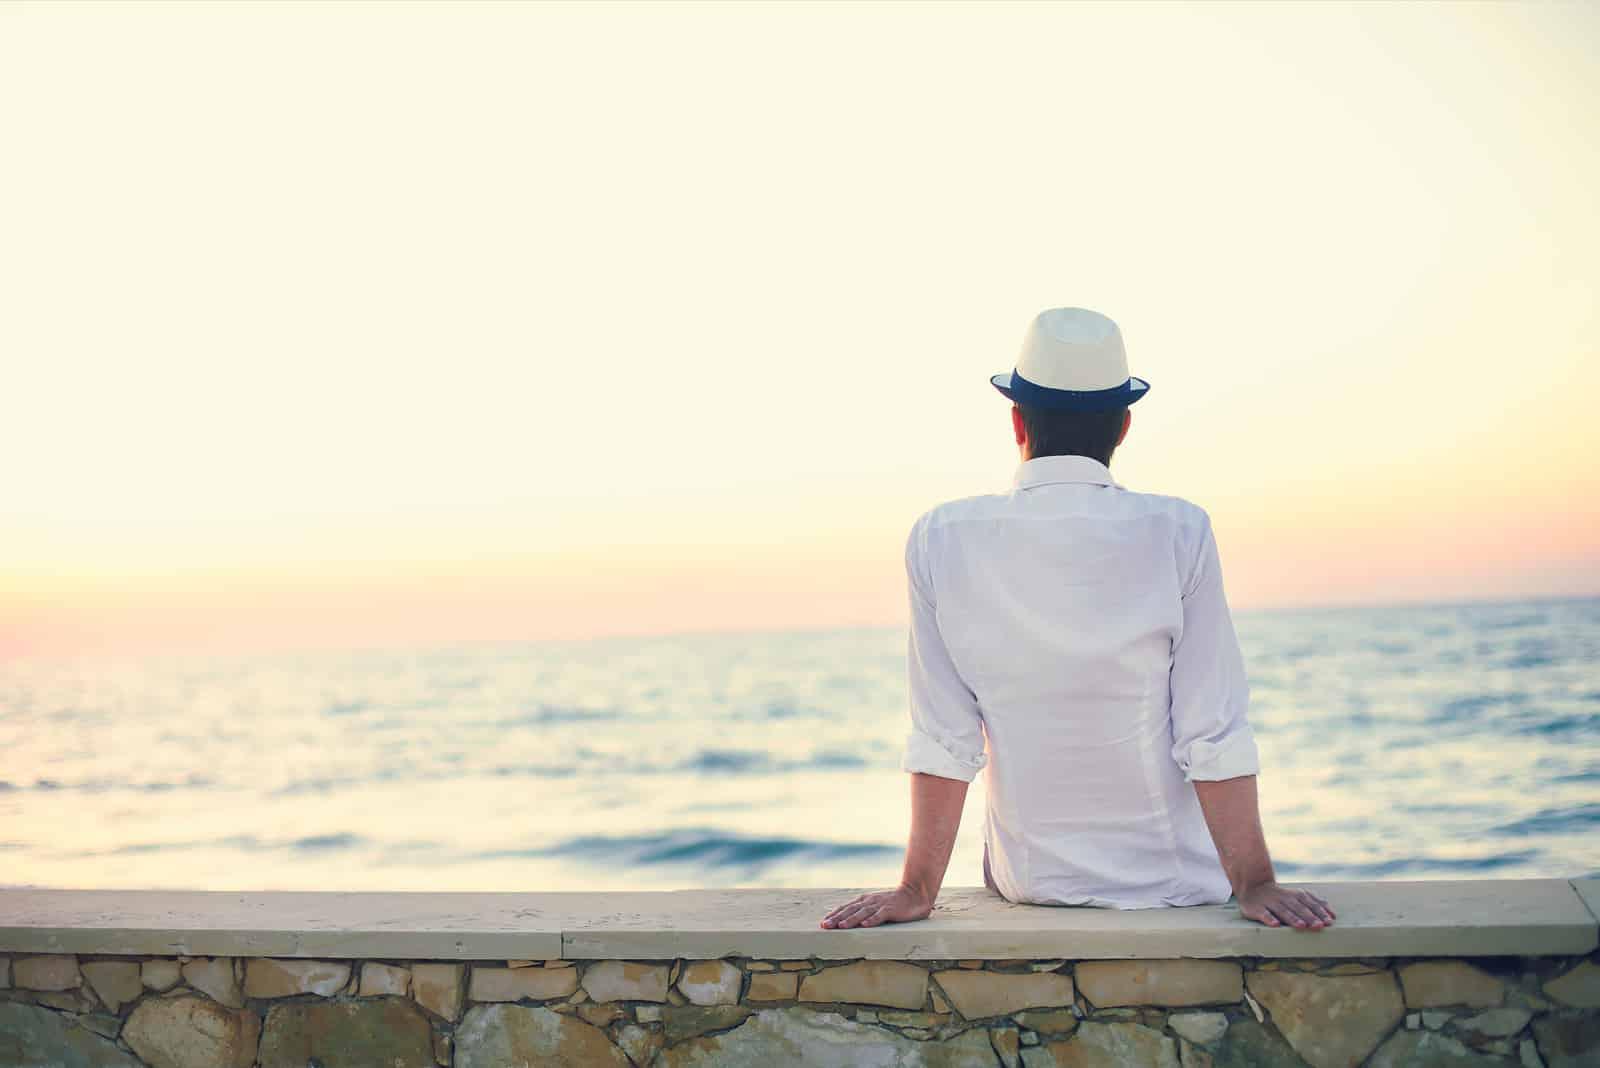 un homme avec un chapeau sur la tête est assis et regarde le coucher du soleil